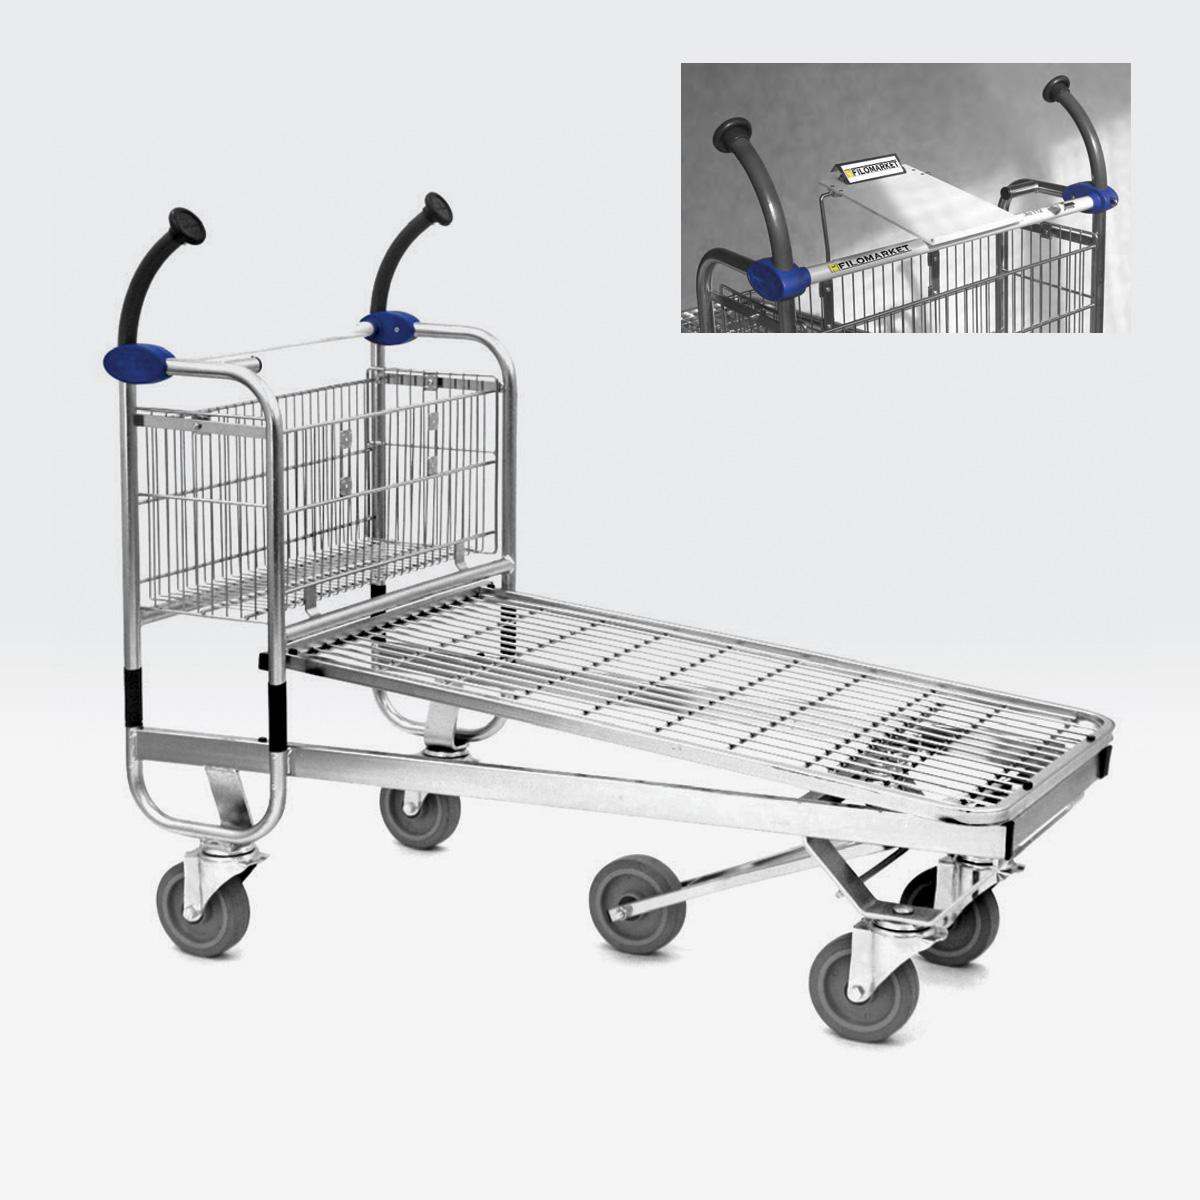 Carrello per magazzino con ruote CARRY 120M